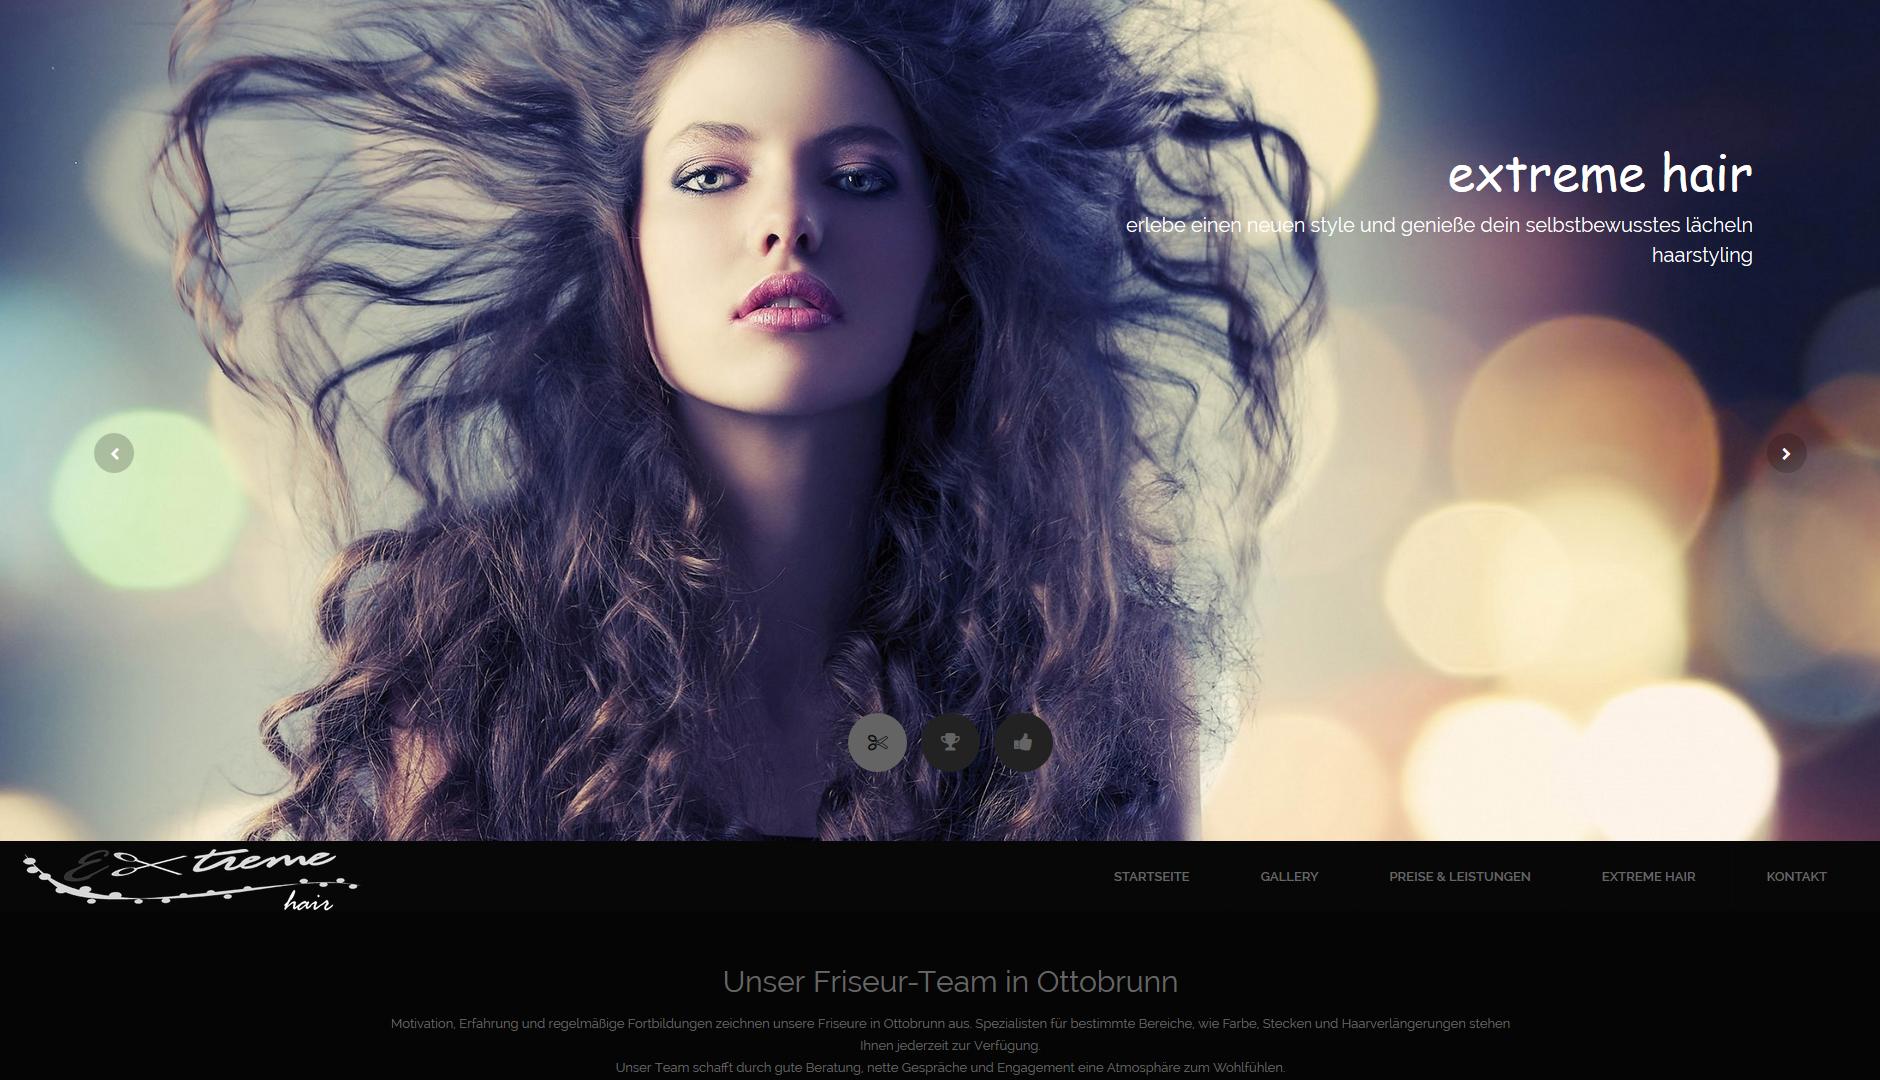 Friseur Extreme Hair München v3